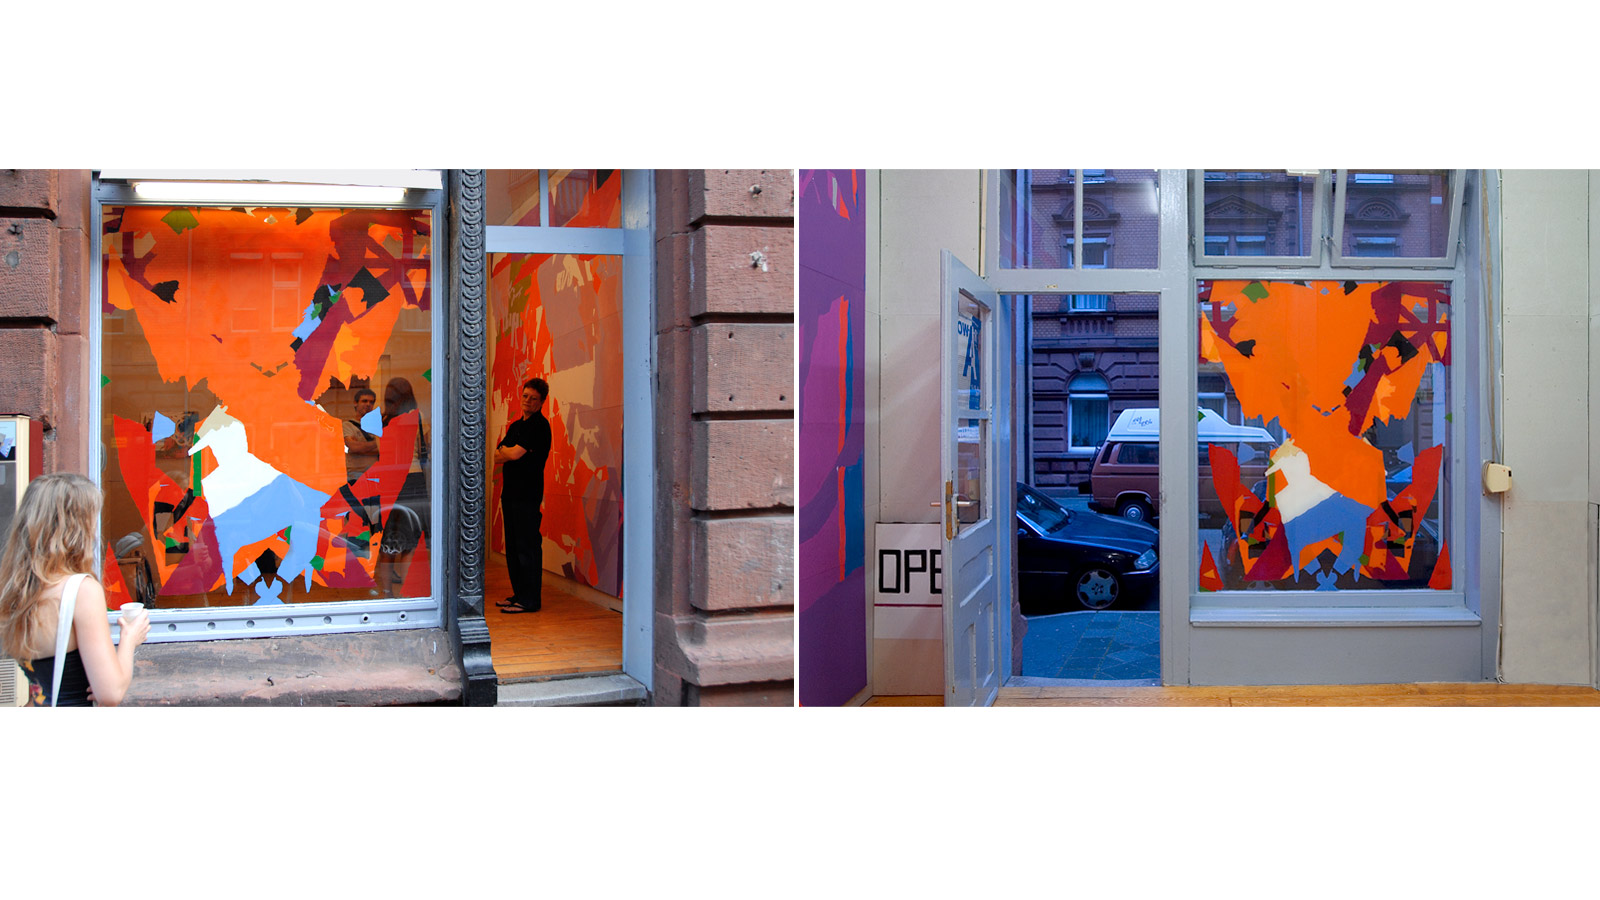 Außen- und Innenansicht: einmalamalnie (Palindorm), Sprühlack auf Plexiglas, 146×177 cm, peng Raum für Kunst 2007, Mannheim